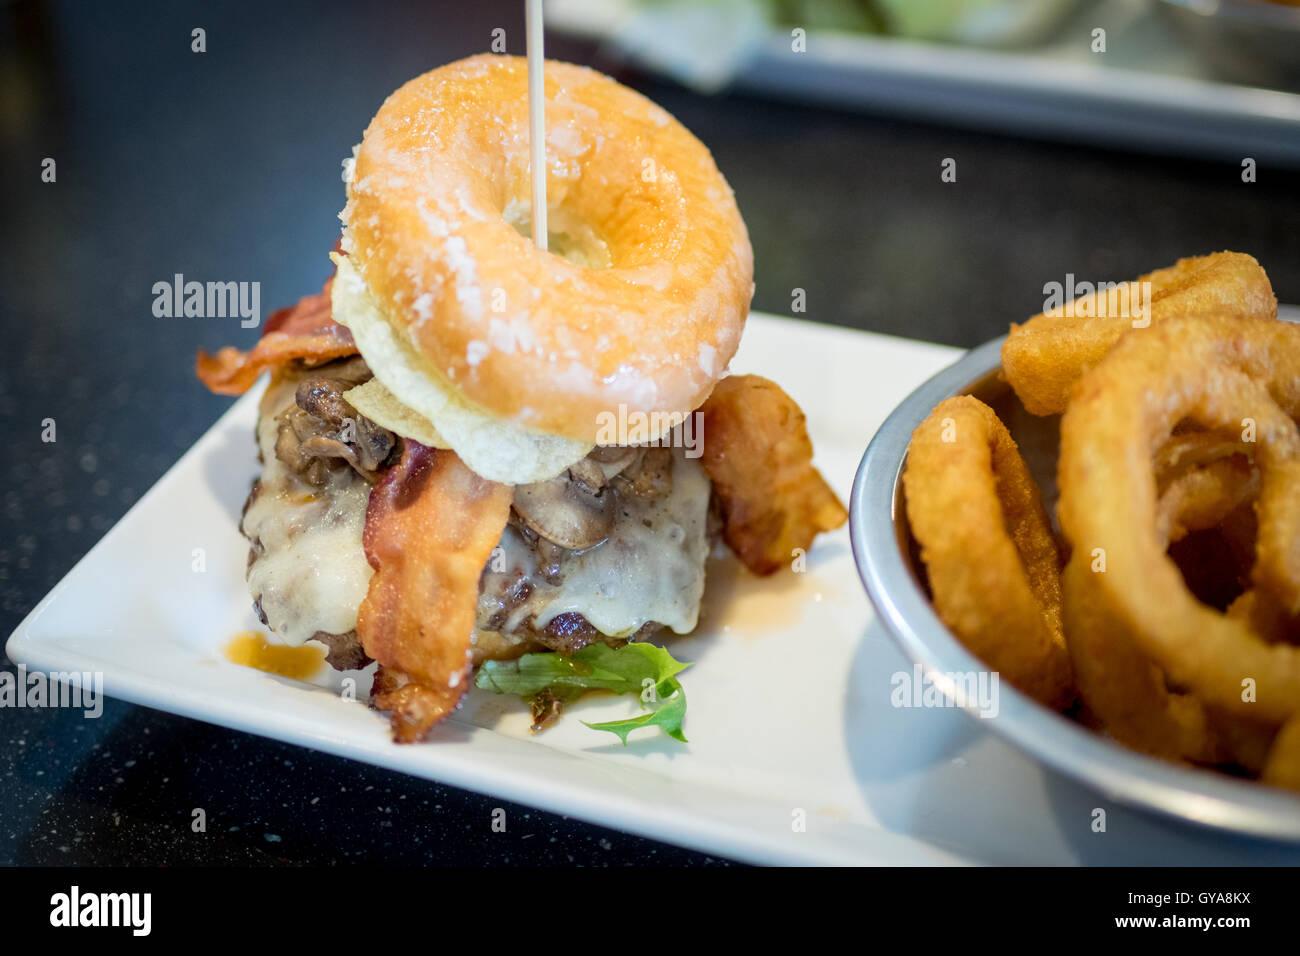 Ein Speck Donut Burger (Luther Burger) von Soda Idioten Restaurant in Edmonton, Alberta, Kanada. Stockbild